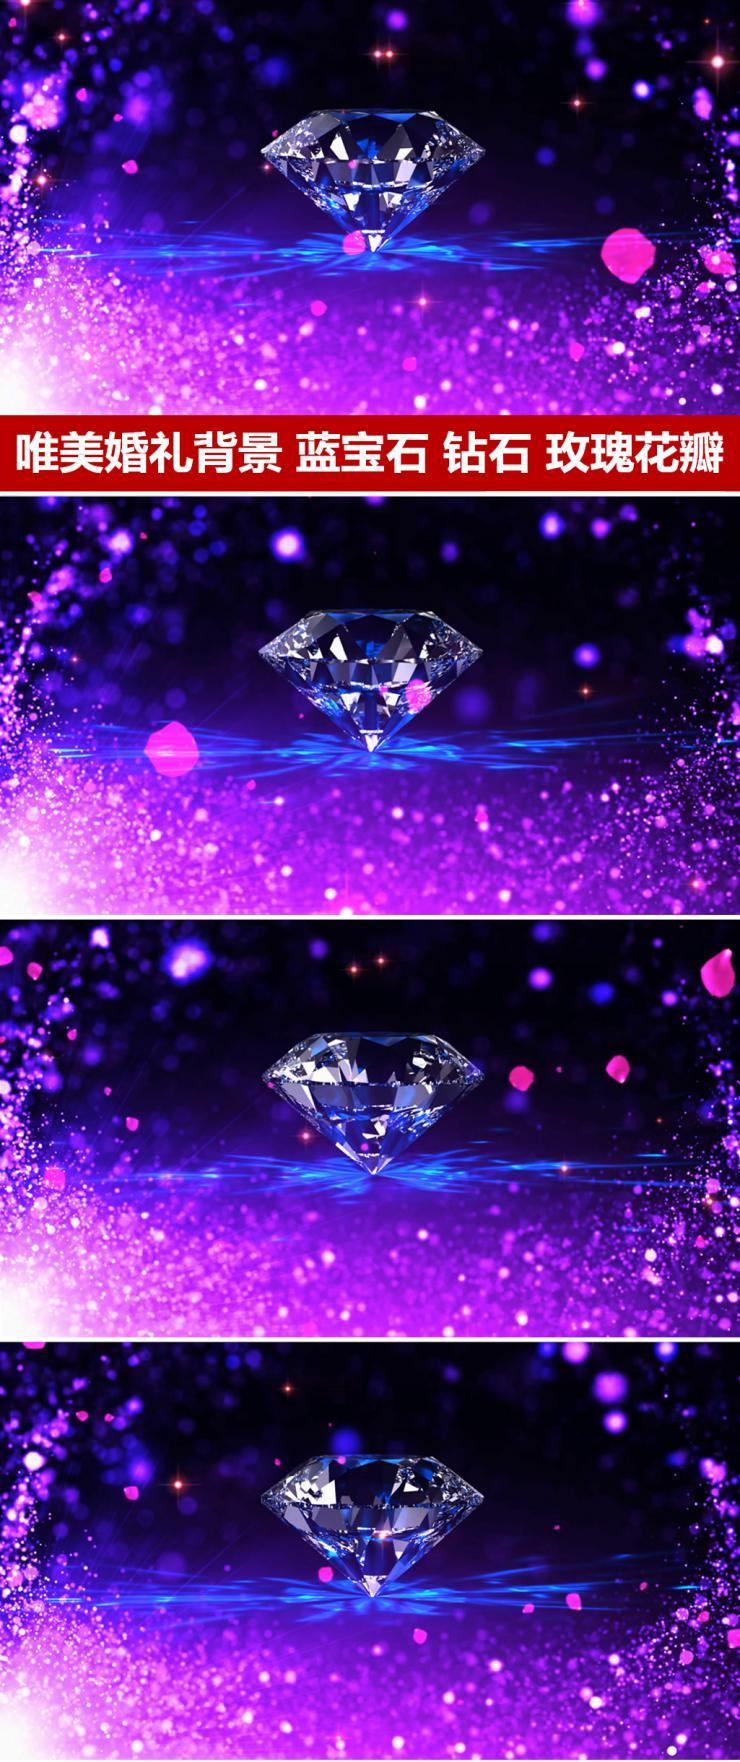 唯美浪漫钻石婚礼新娘出场led动态视频素材